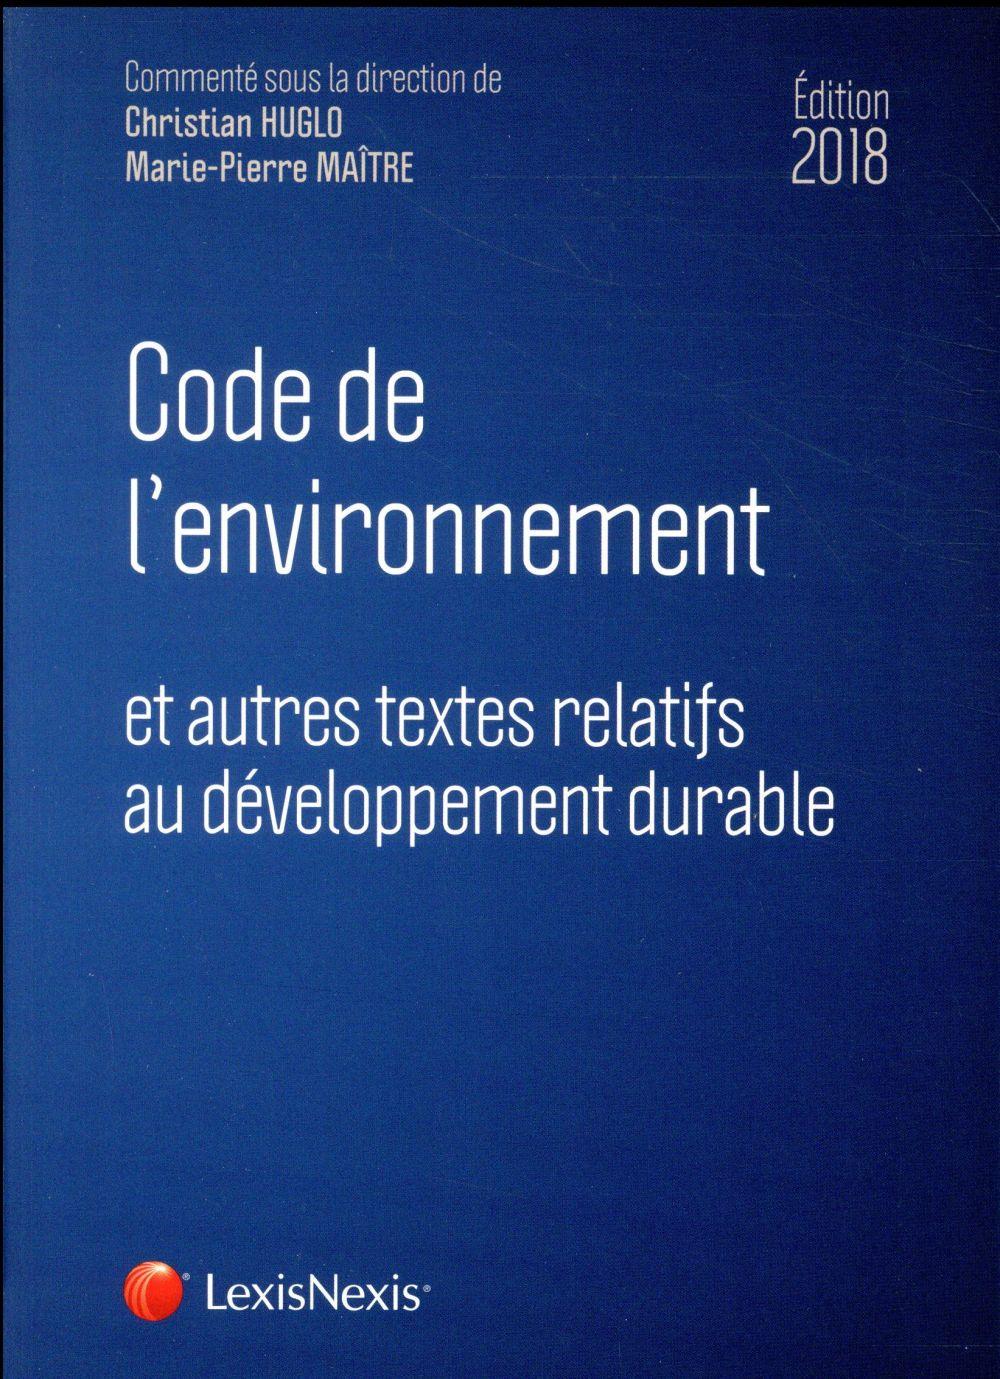 Code de l'environnement et autres testes relatifs au développement durable (édition 2018)